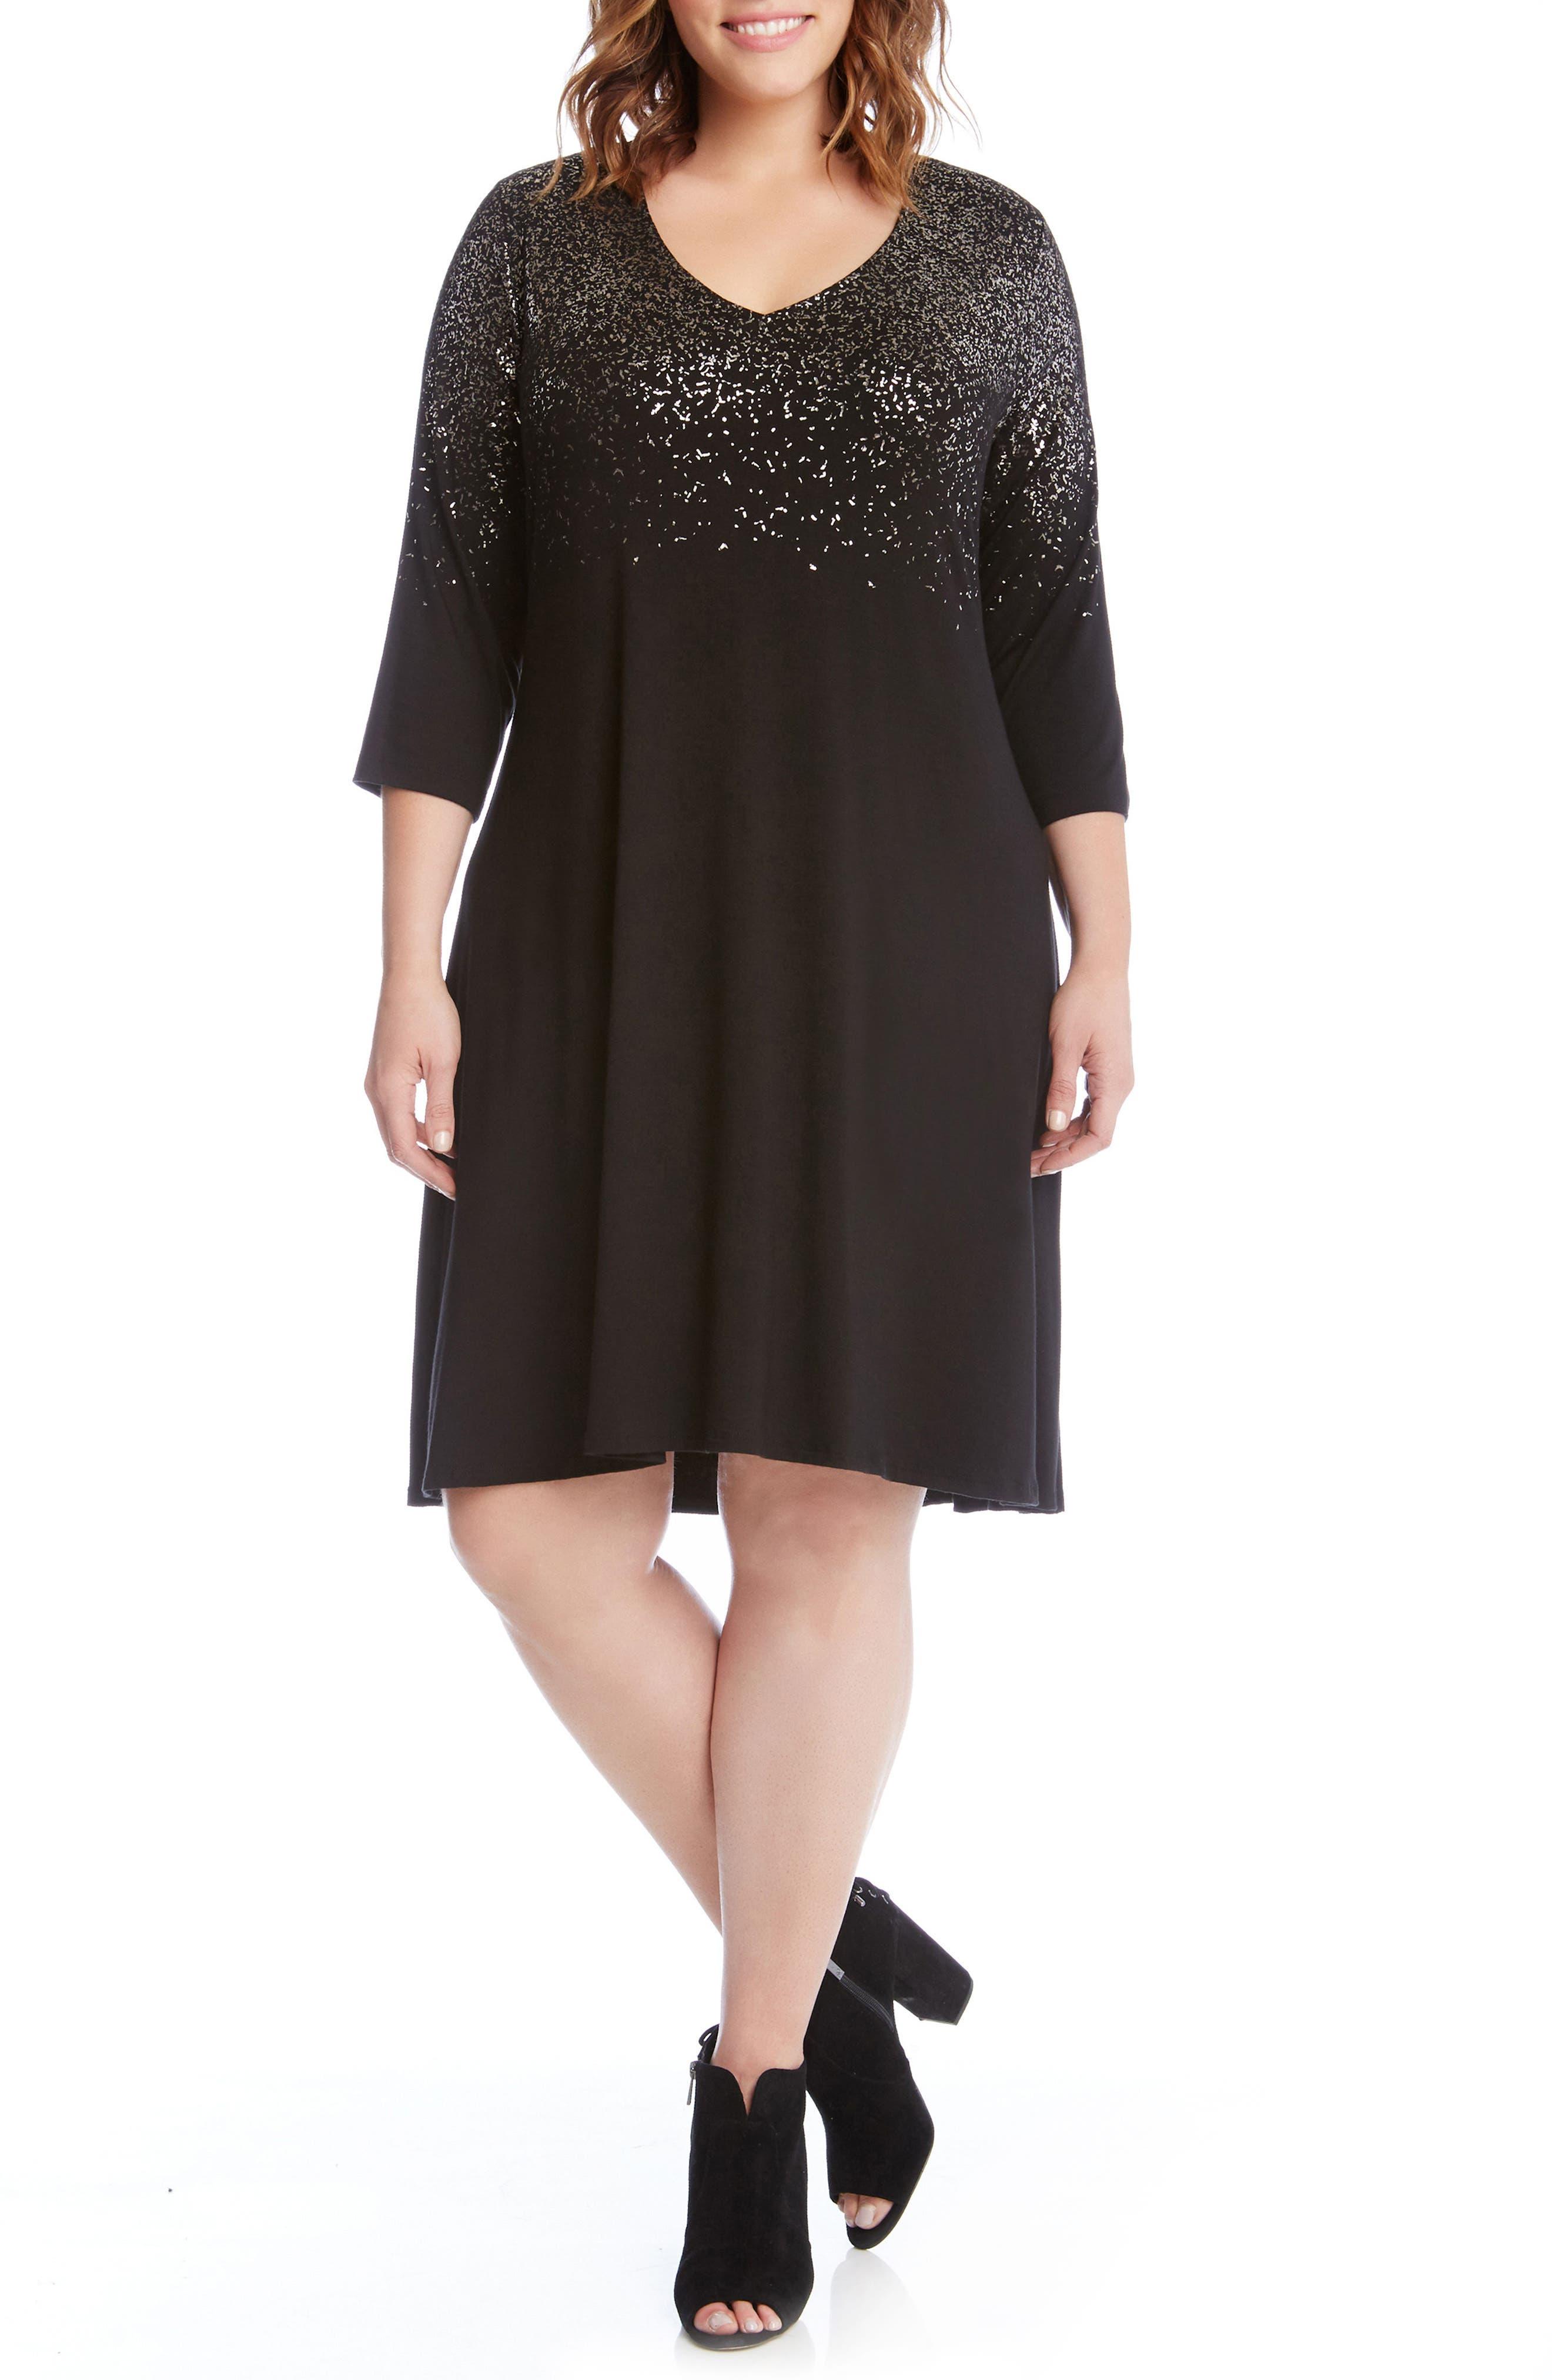 Alternate Image 1 Selected - Karen Kane Speckled Print A-Line Dress (Plus Size)